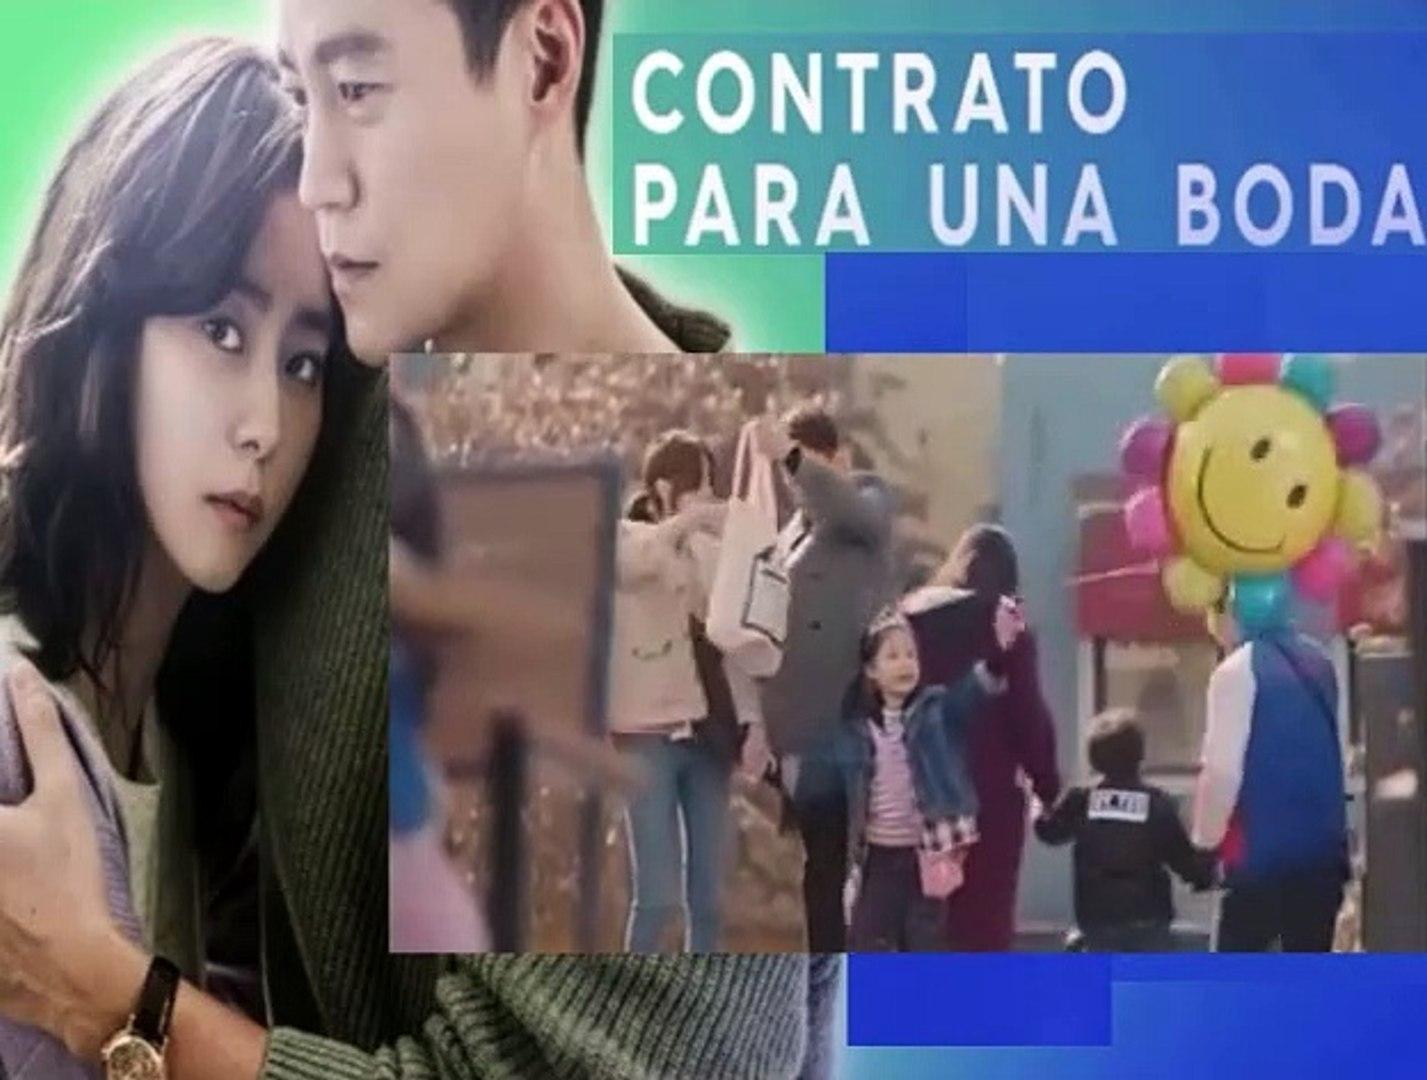 Contrato Para Una Boda Capitulo 4 Marriage Contract Español Latino Vídeo Dailymotion